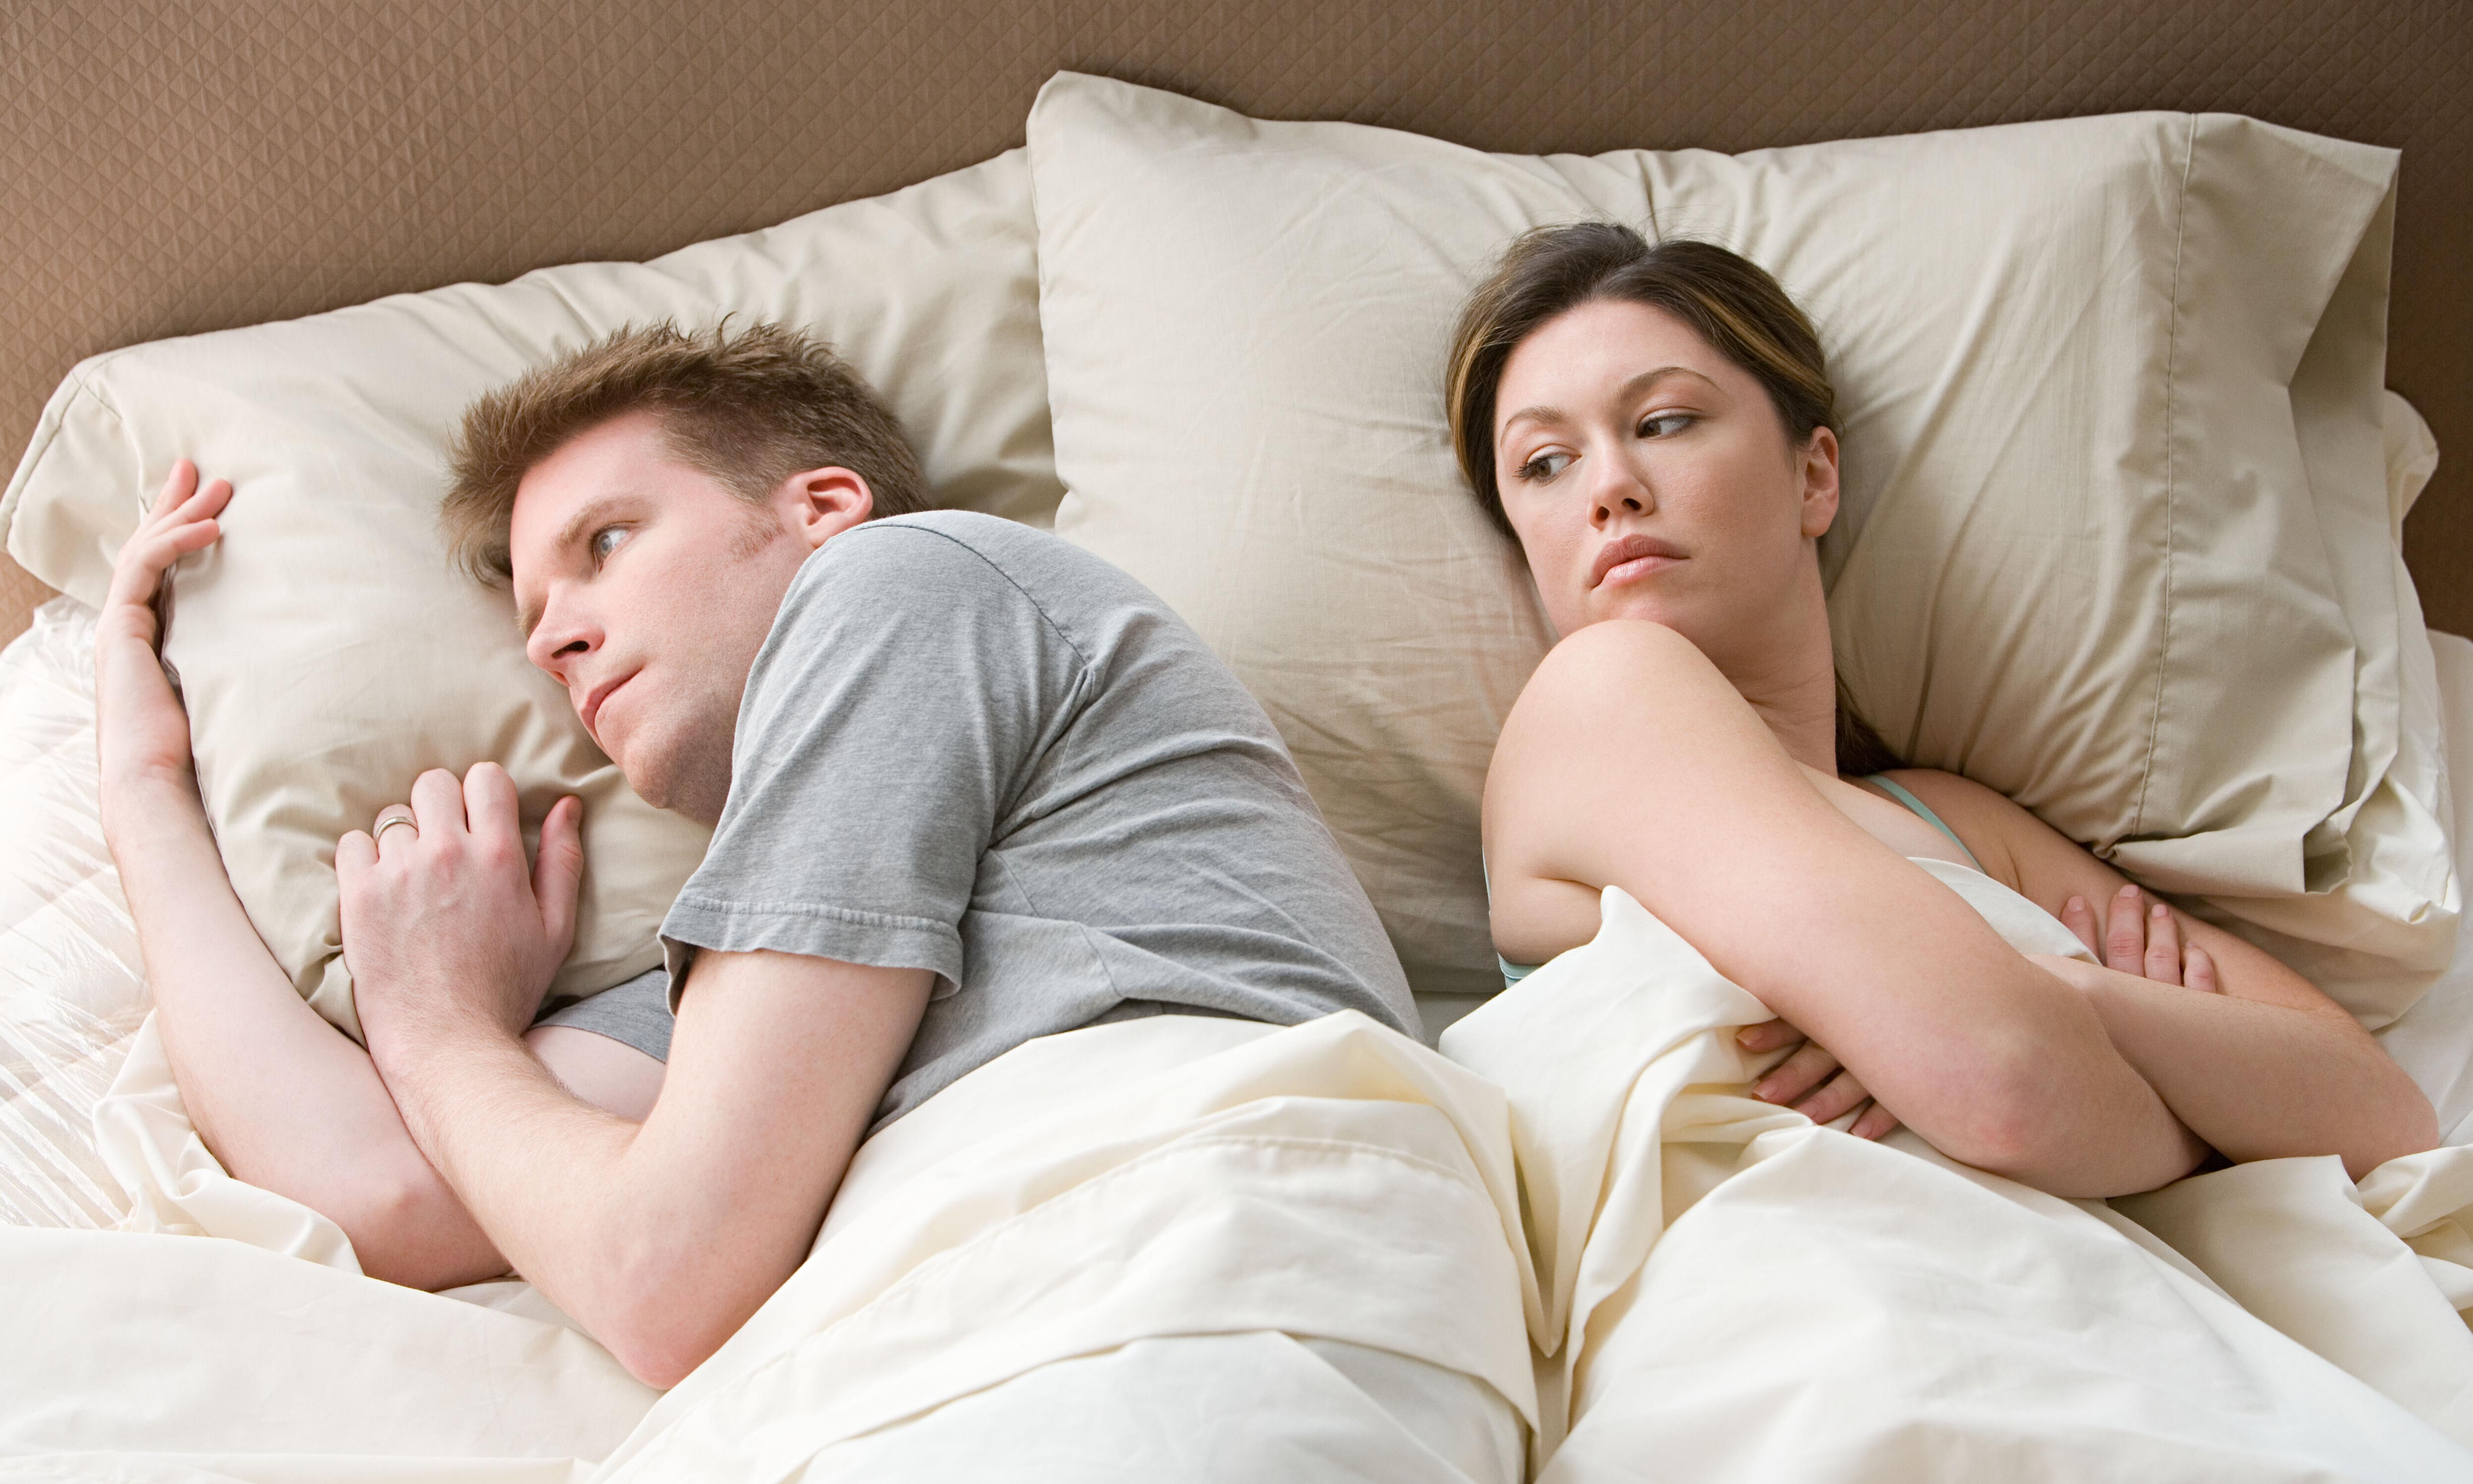 Что не должен делать в постели мужчина с женщиной 10 фотография